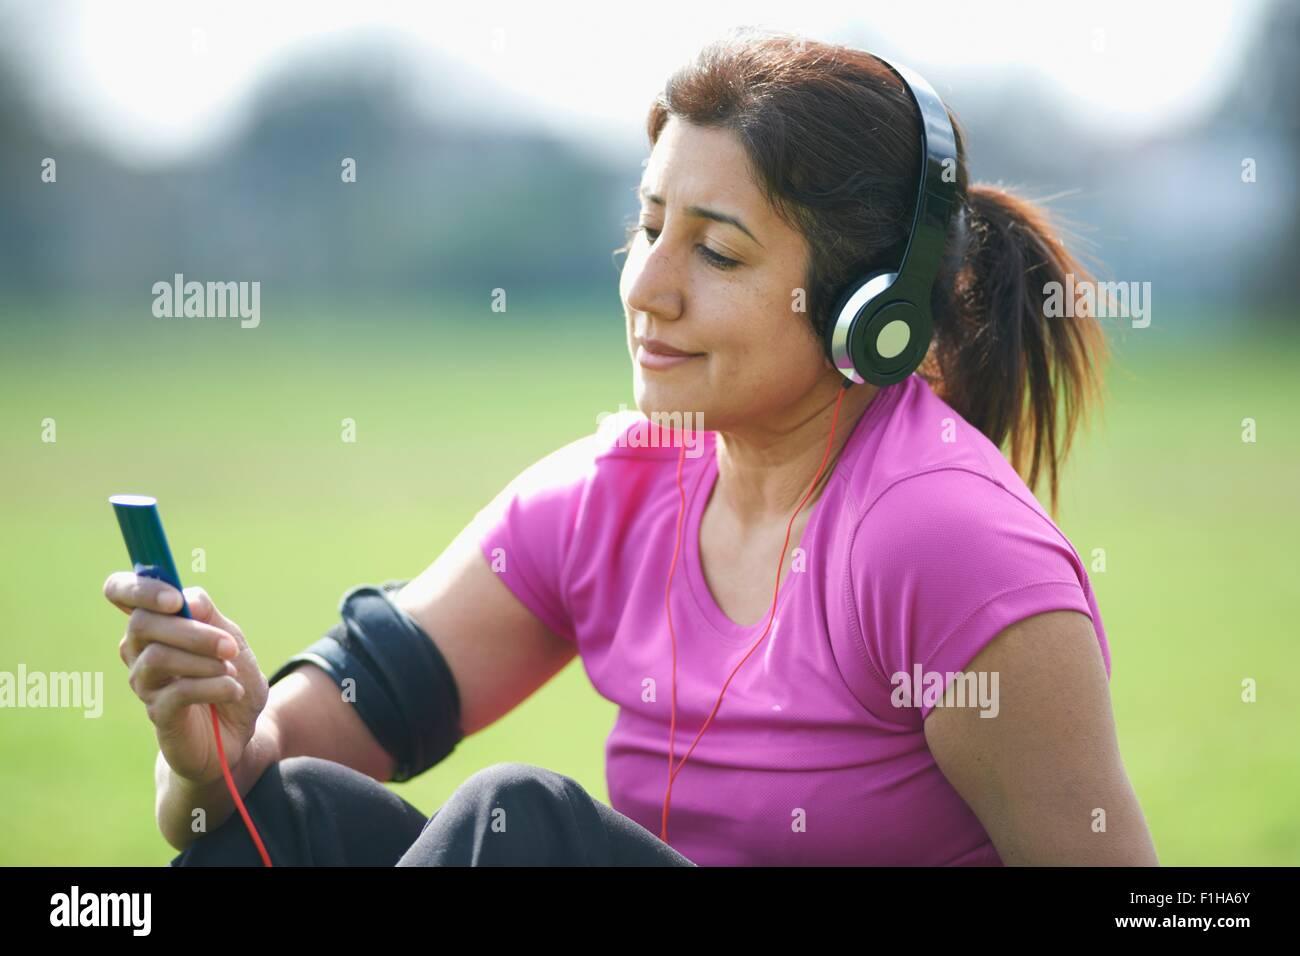 Femme mature en pause dans la sélection de la musique du lecteur MP3 Photo Stock